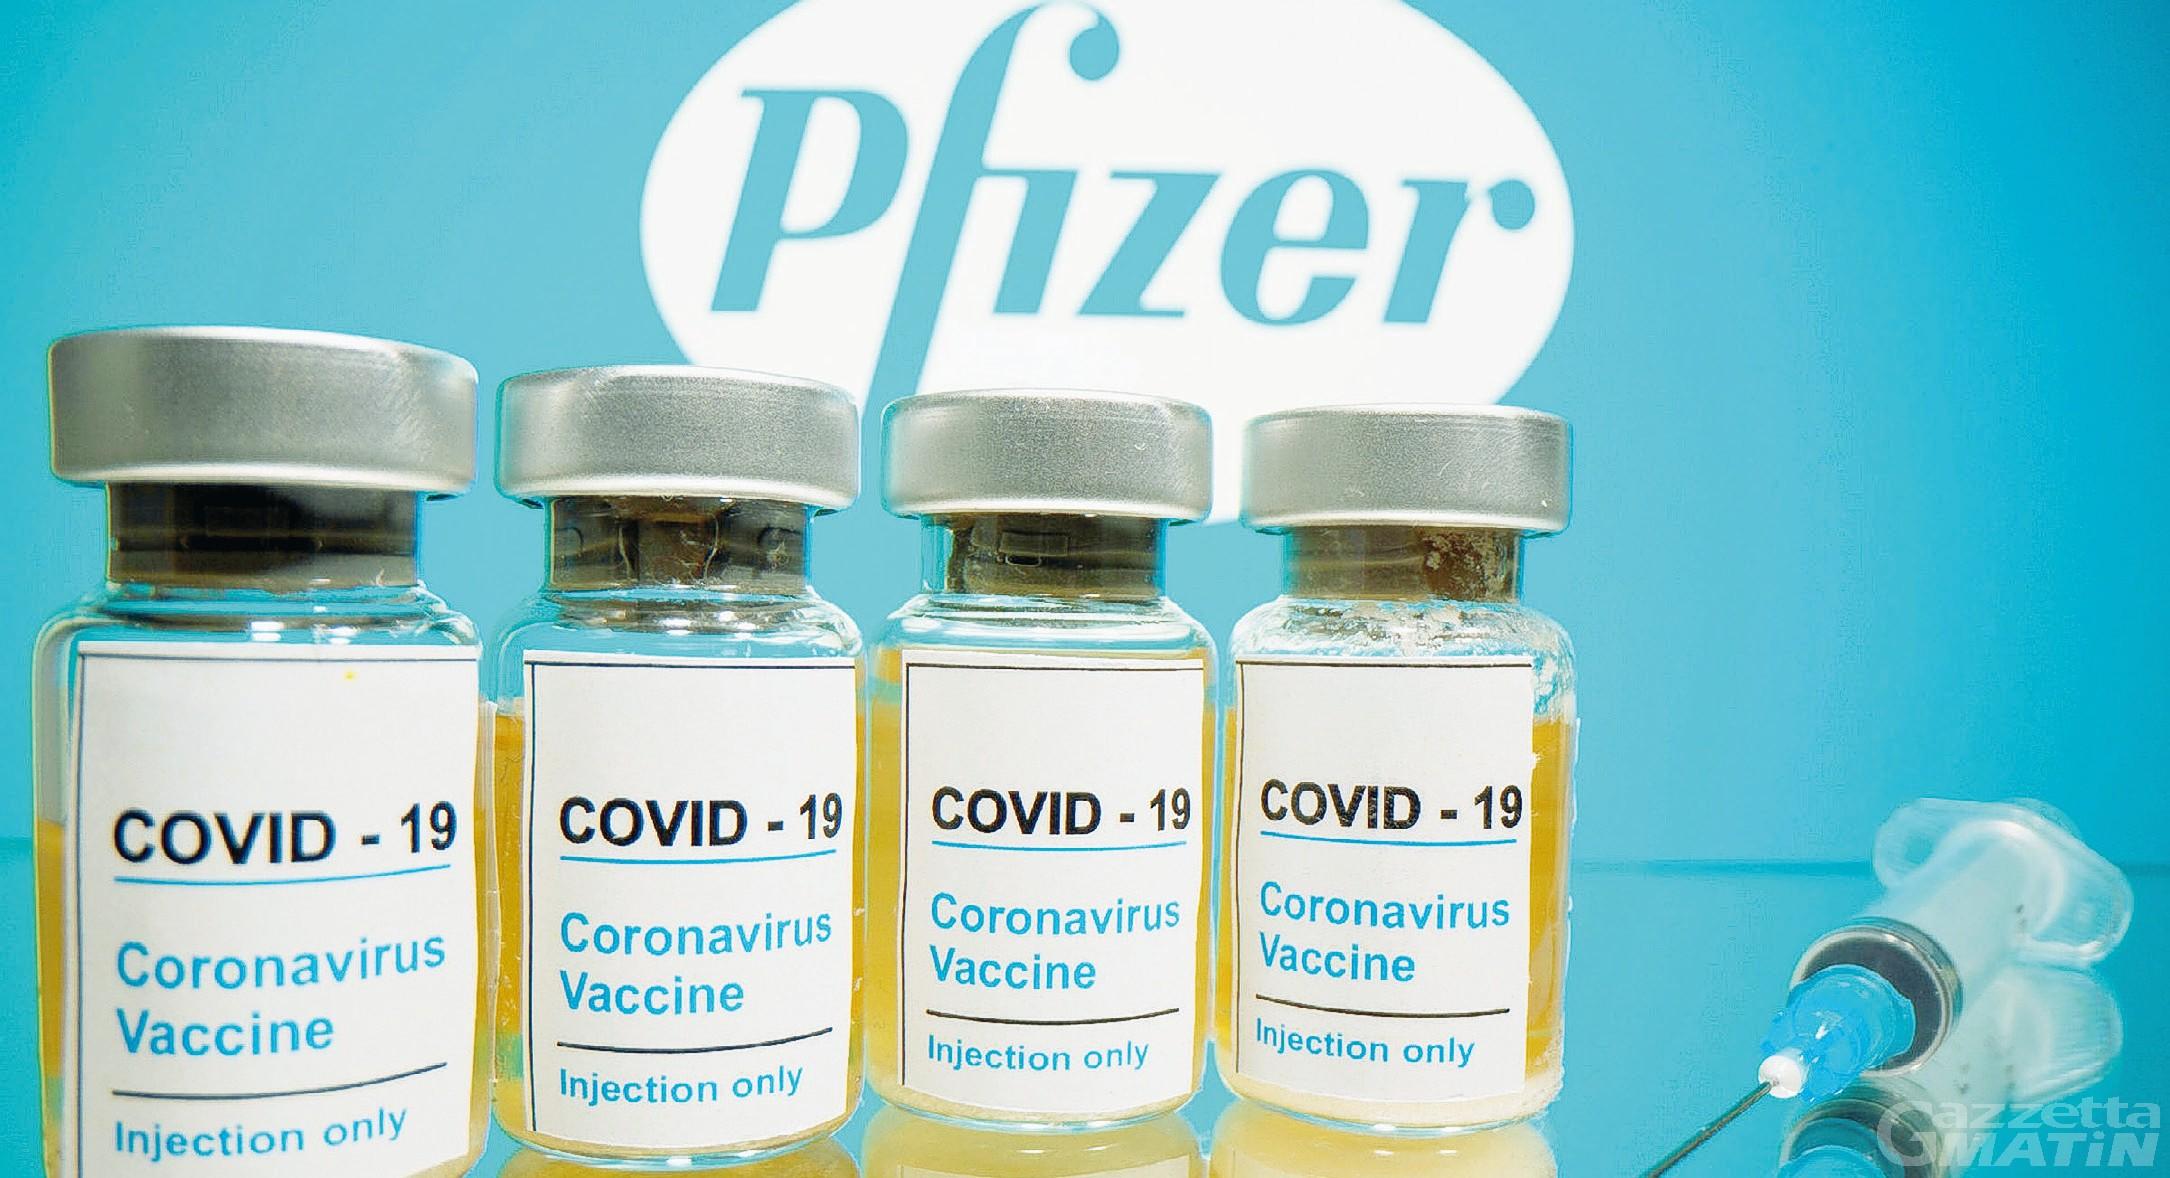 Prima tranche vaccino Covid: alla Valle d'Aosta servono 7.500 dosi